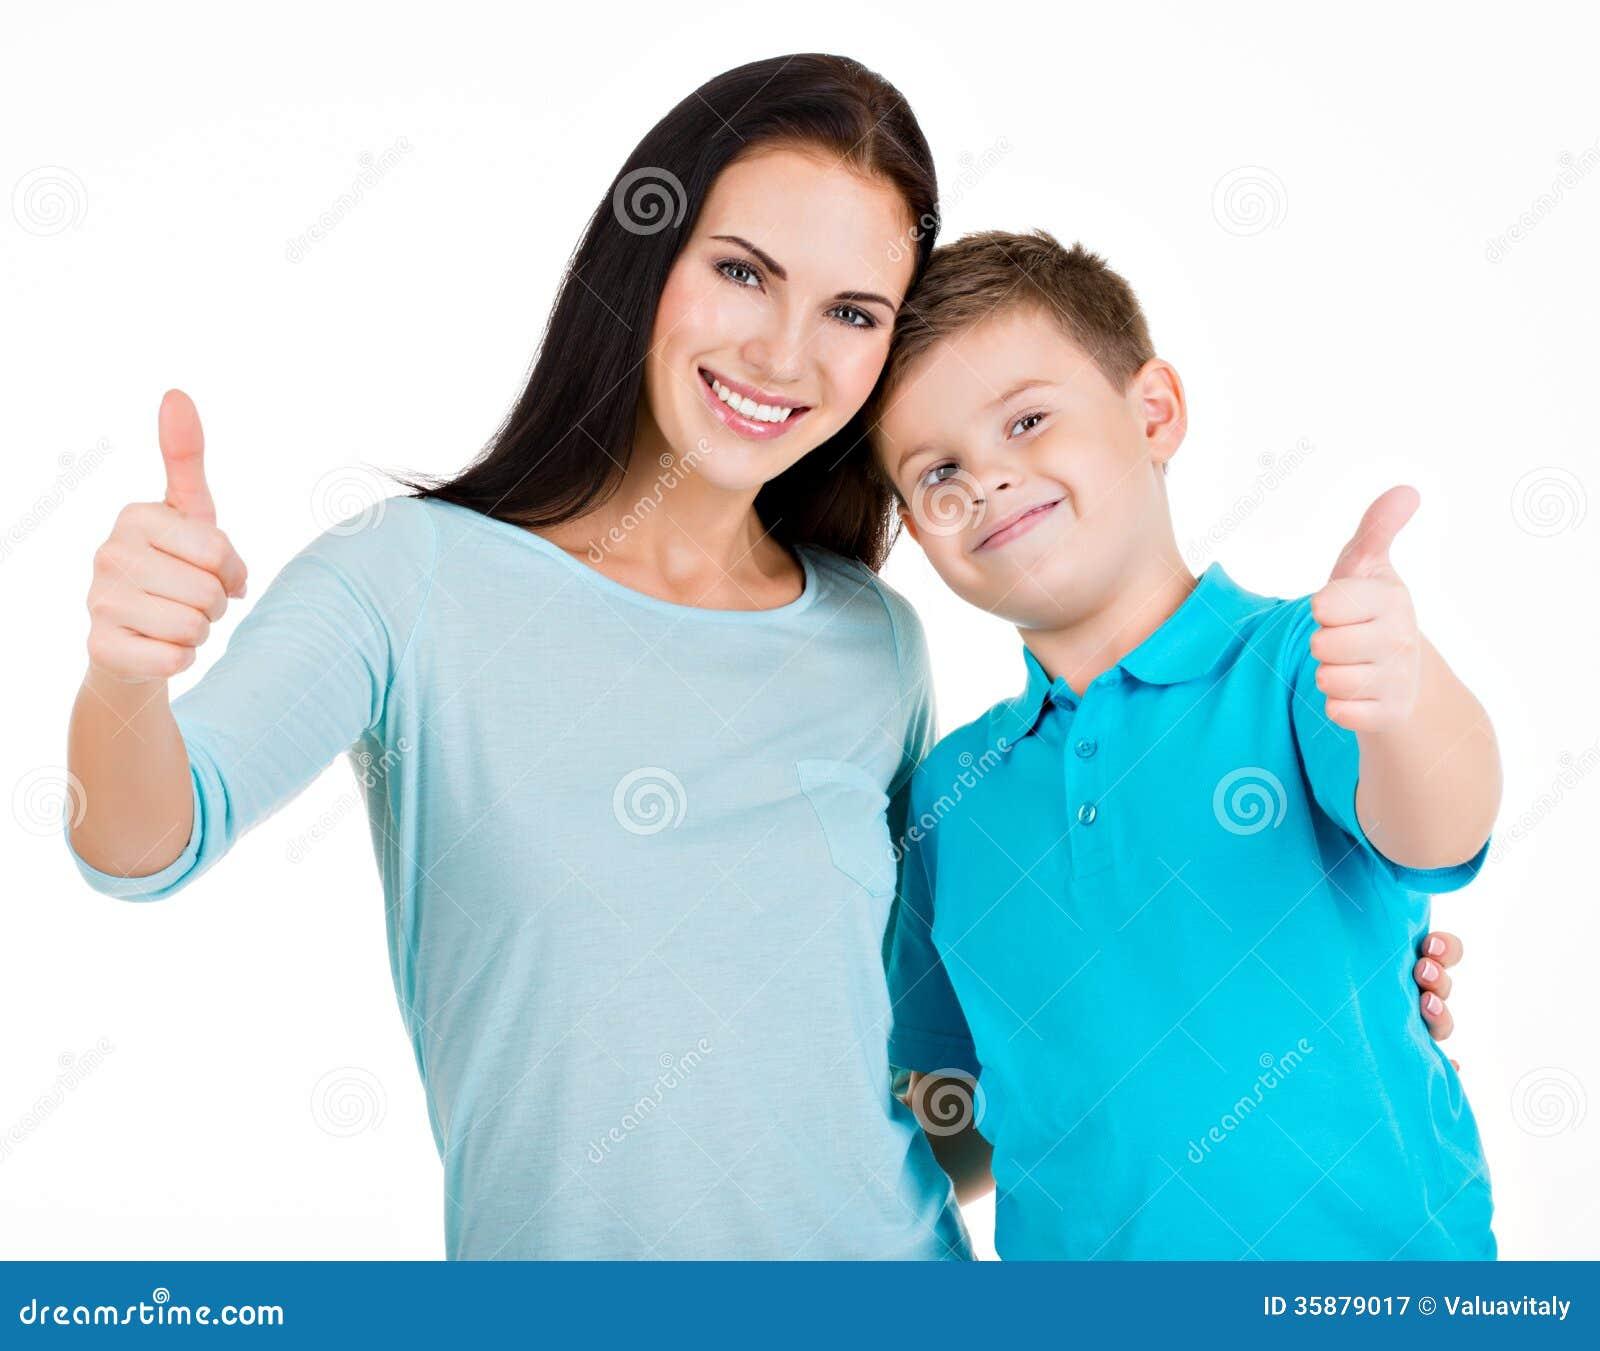 Комплимент фото с ребенком